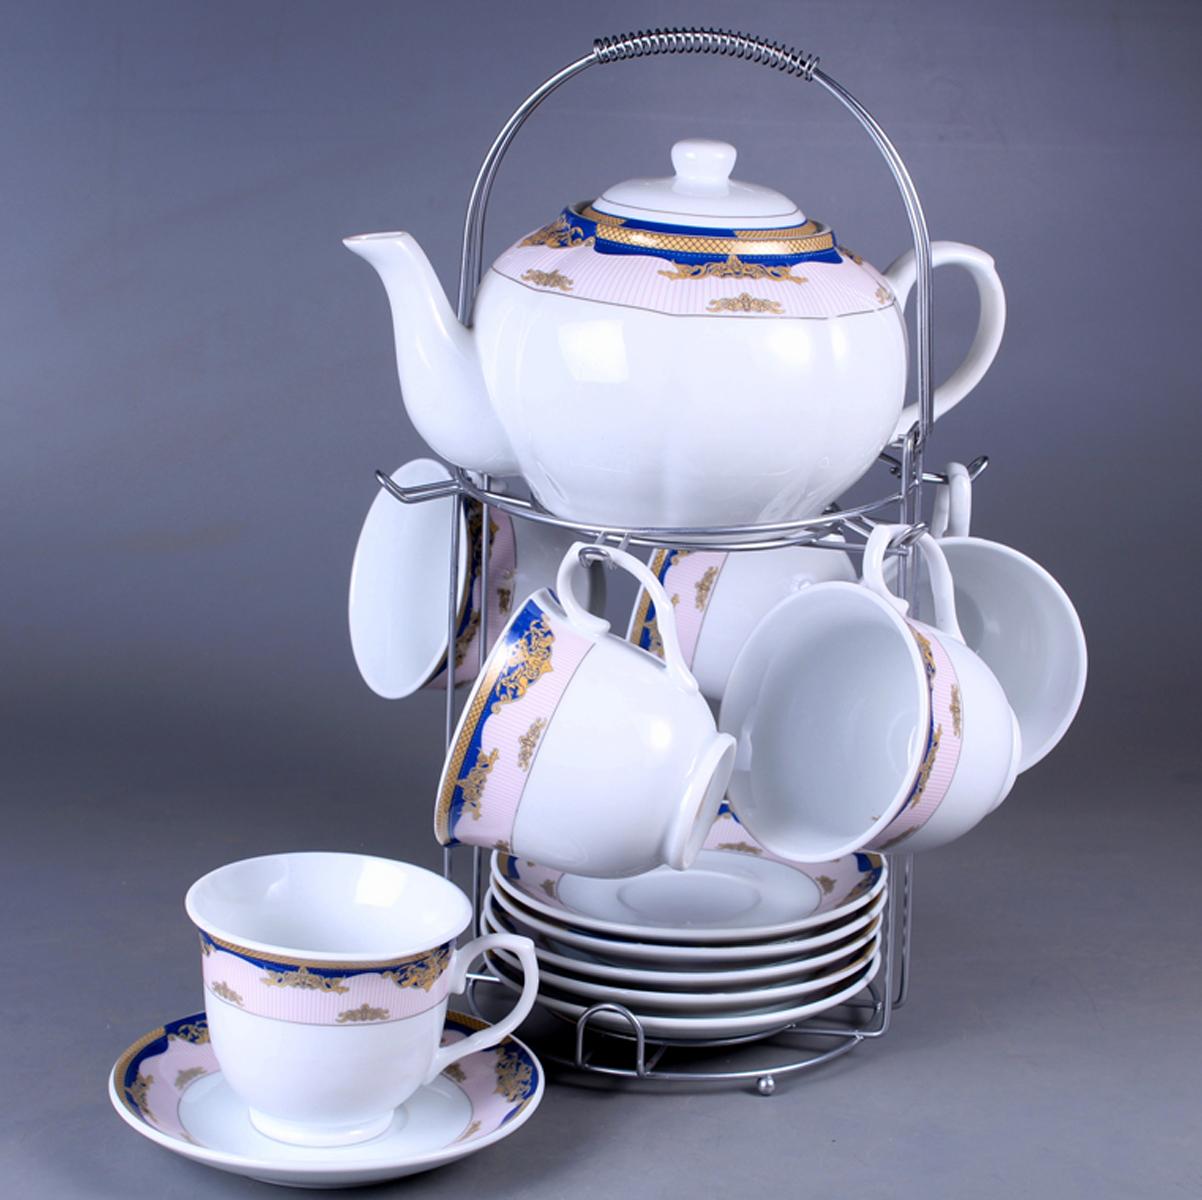 Набор чайный Olaff, на подставке, 13 предметов. SCS-13MS-009SCS-13MS-009Набор чайный, 13 предметов: 6 чашек 220 мл + 6 блюдец + чайник 1200 мл